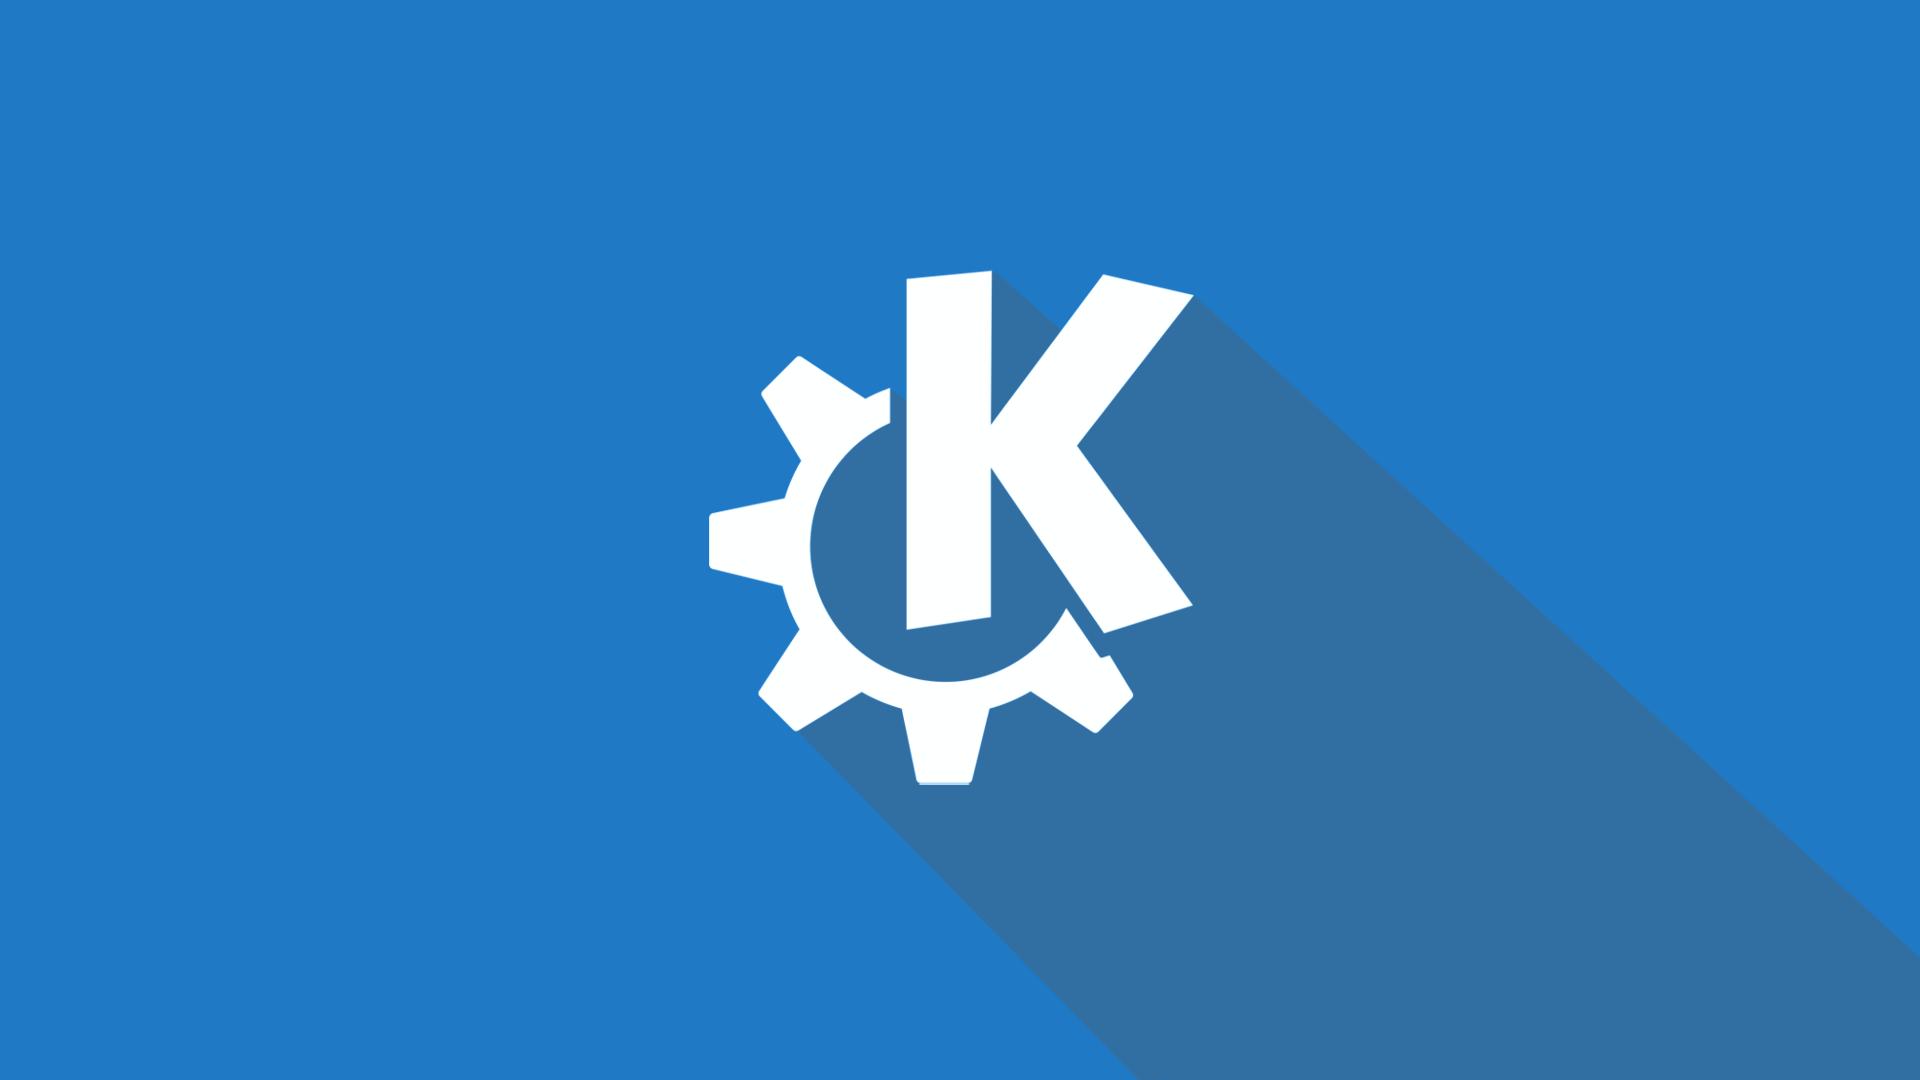 .td_uid_42_5cbc0dbcaa6dd_rand.td-a-rec-img{text-align:left}.td_uid_42_5cbc0dbcaa6dd_rand.td-a-rec-img img{margin:0 auto 0 0}KDE общността анонсира комплекта приложения KDE